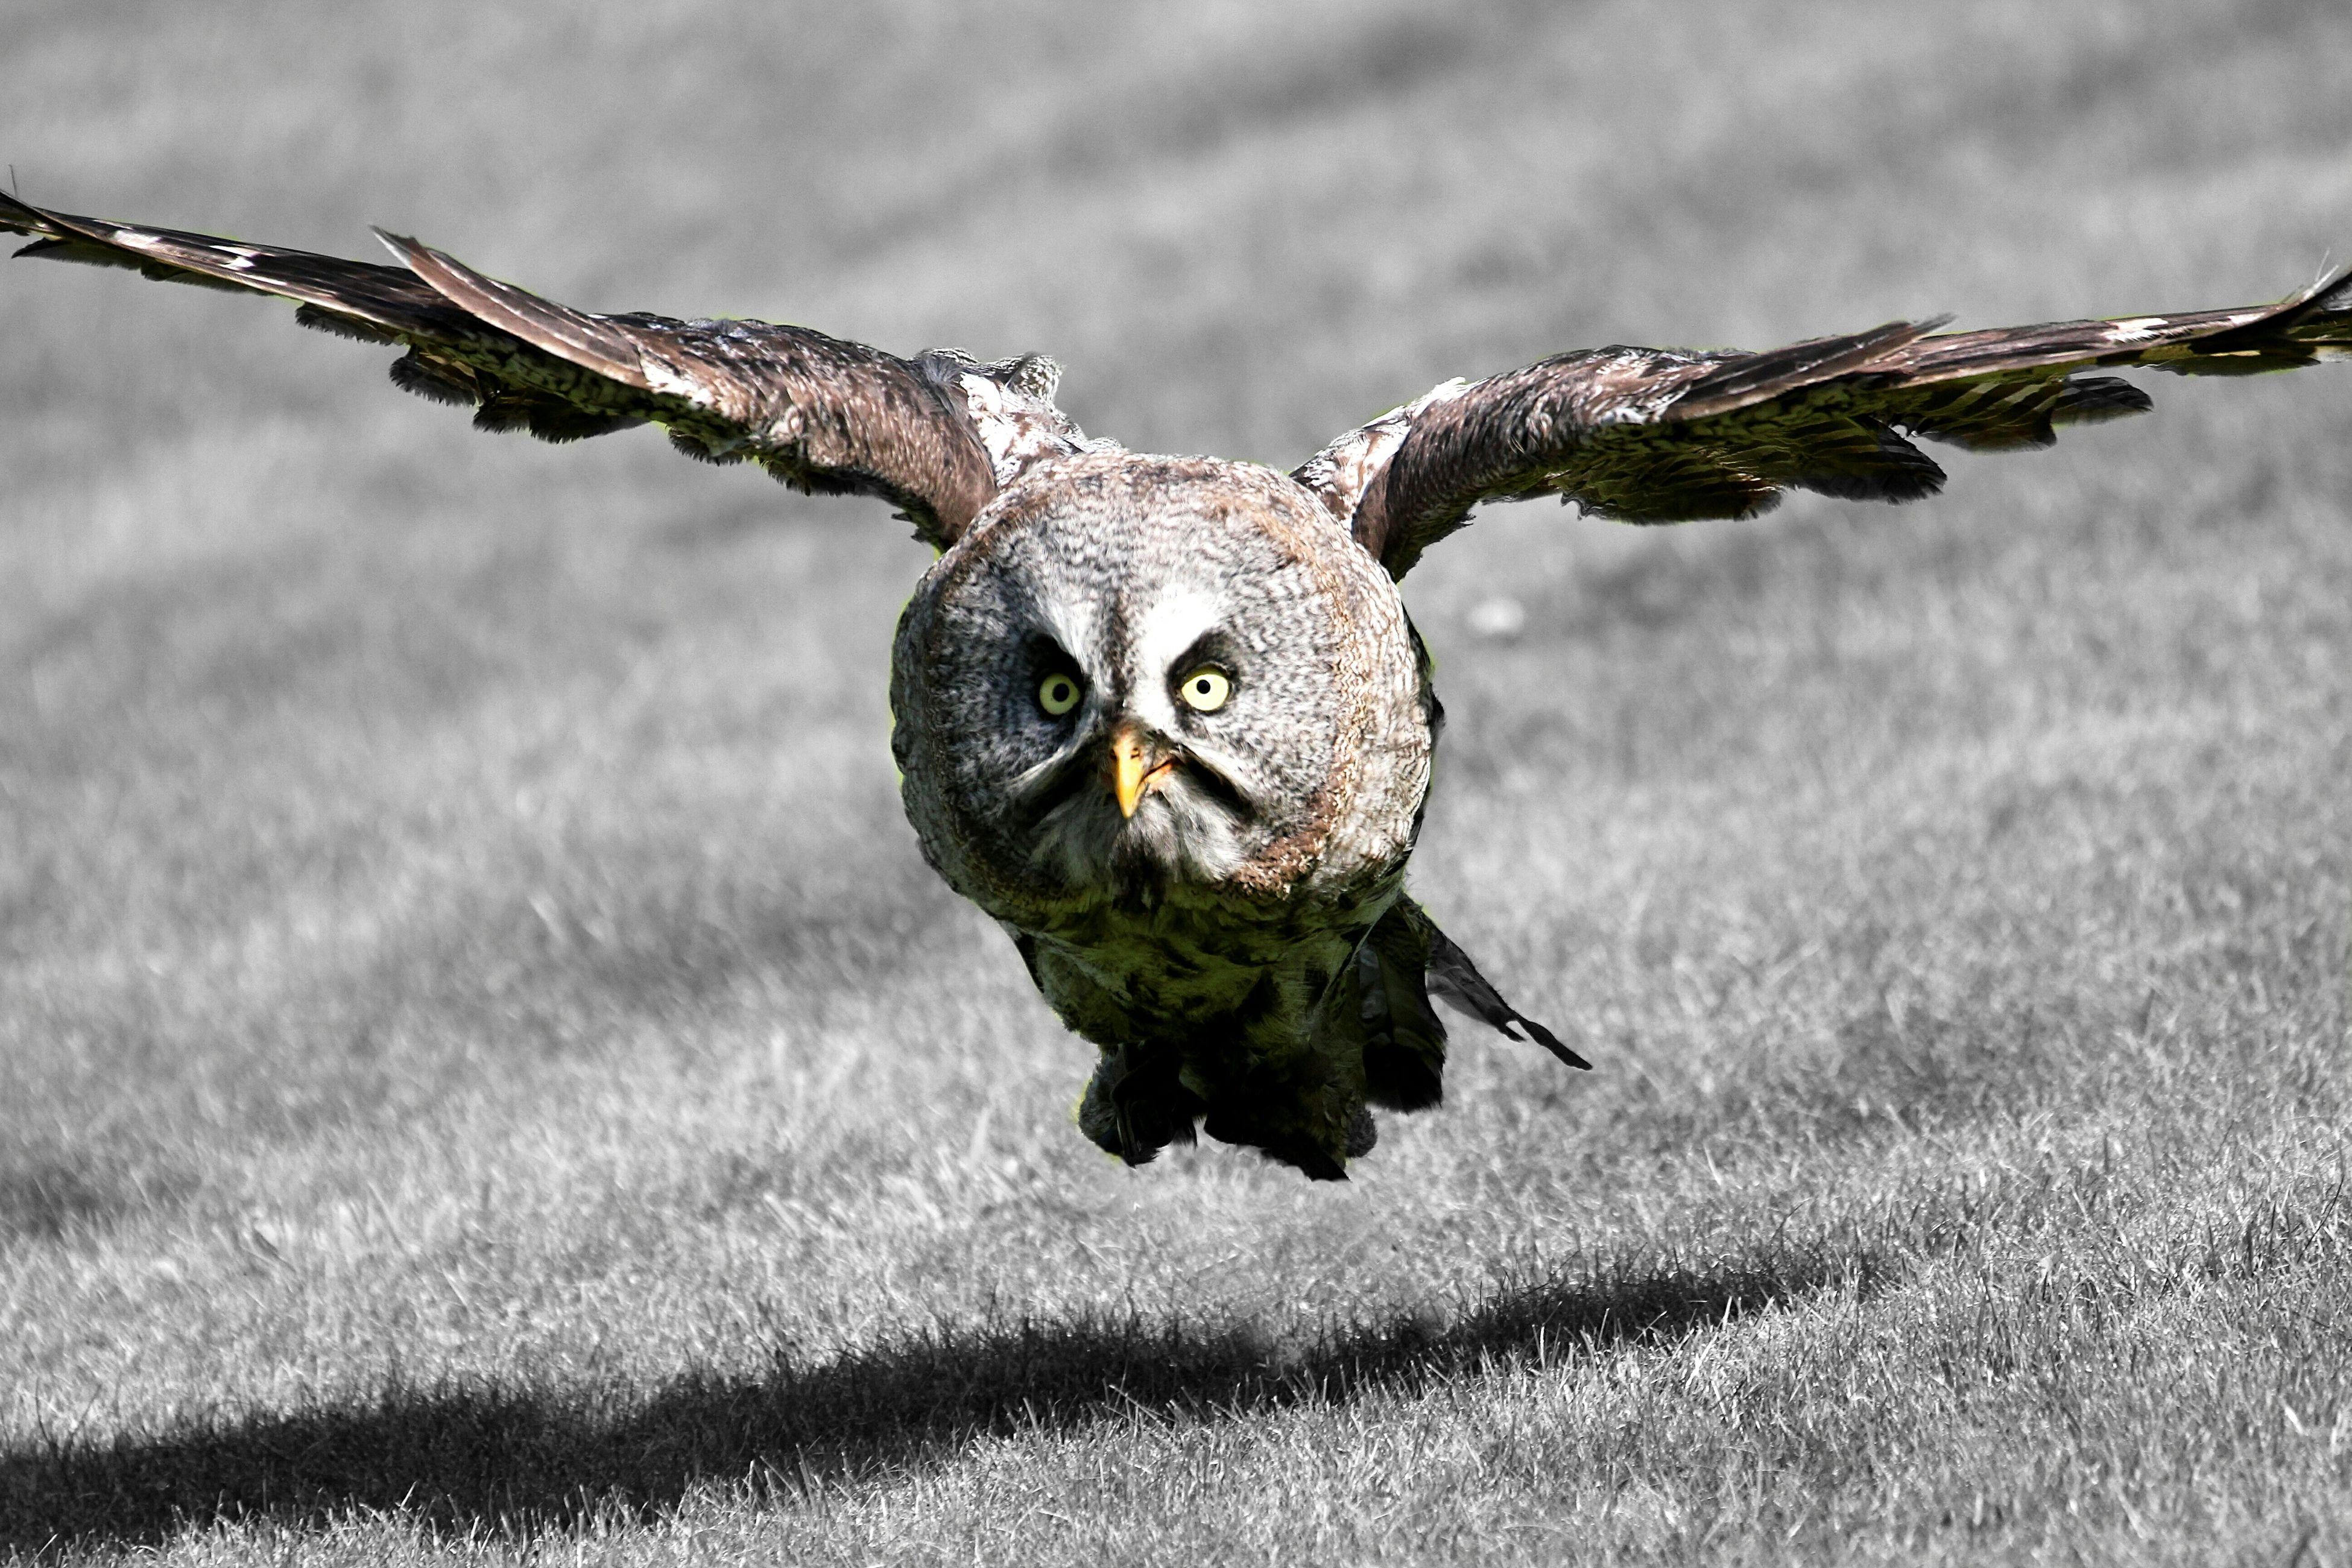 Hibou Grand Duc Eule Uhu Owl Flying